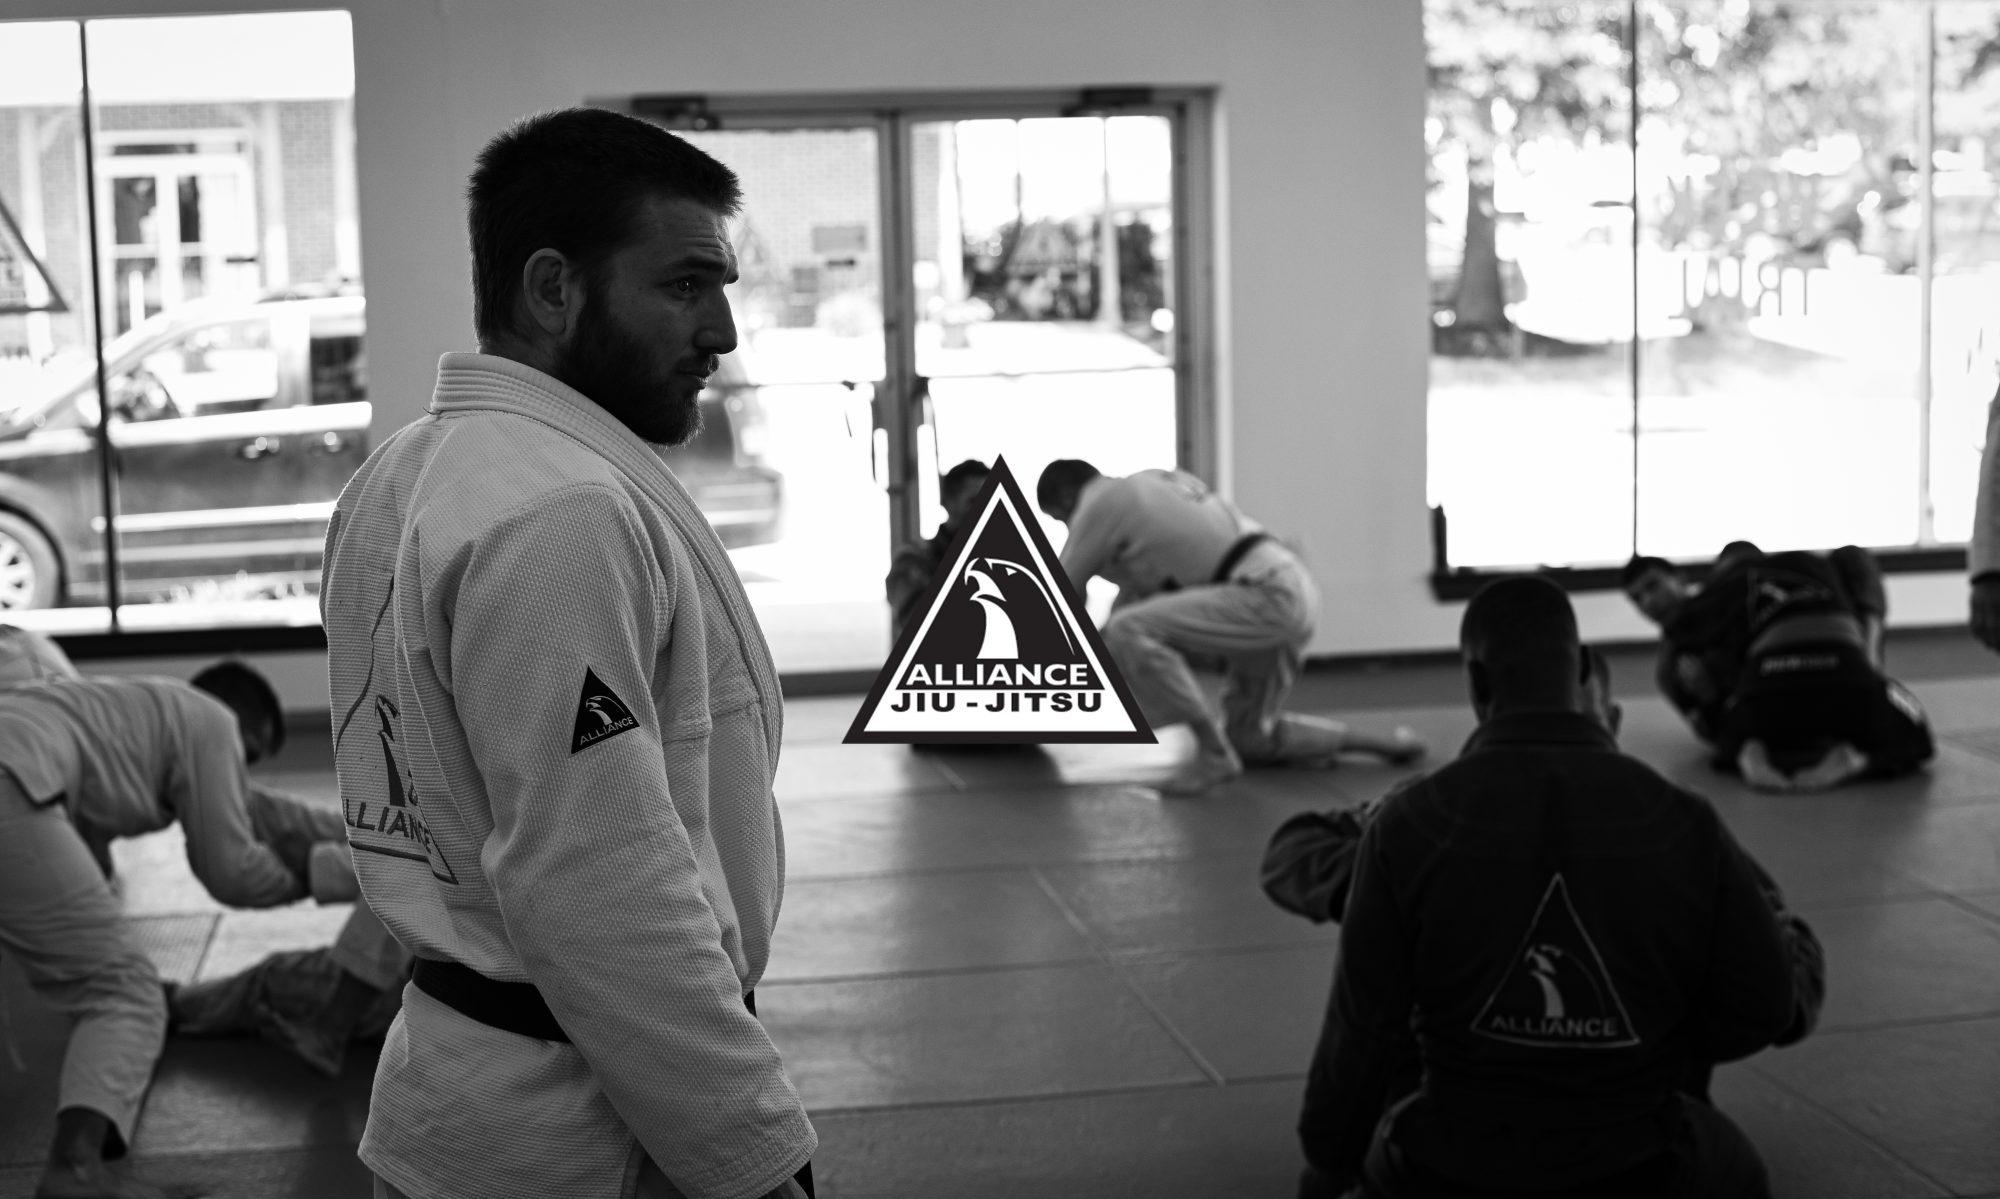 Alliance Jiu Jitsu PA